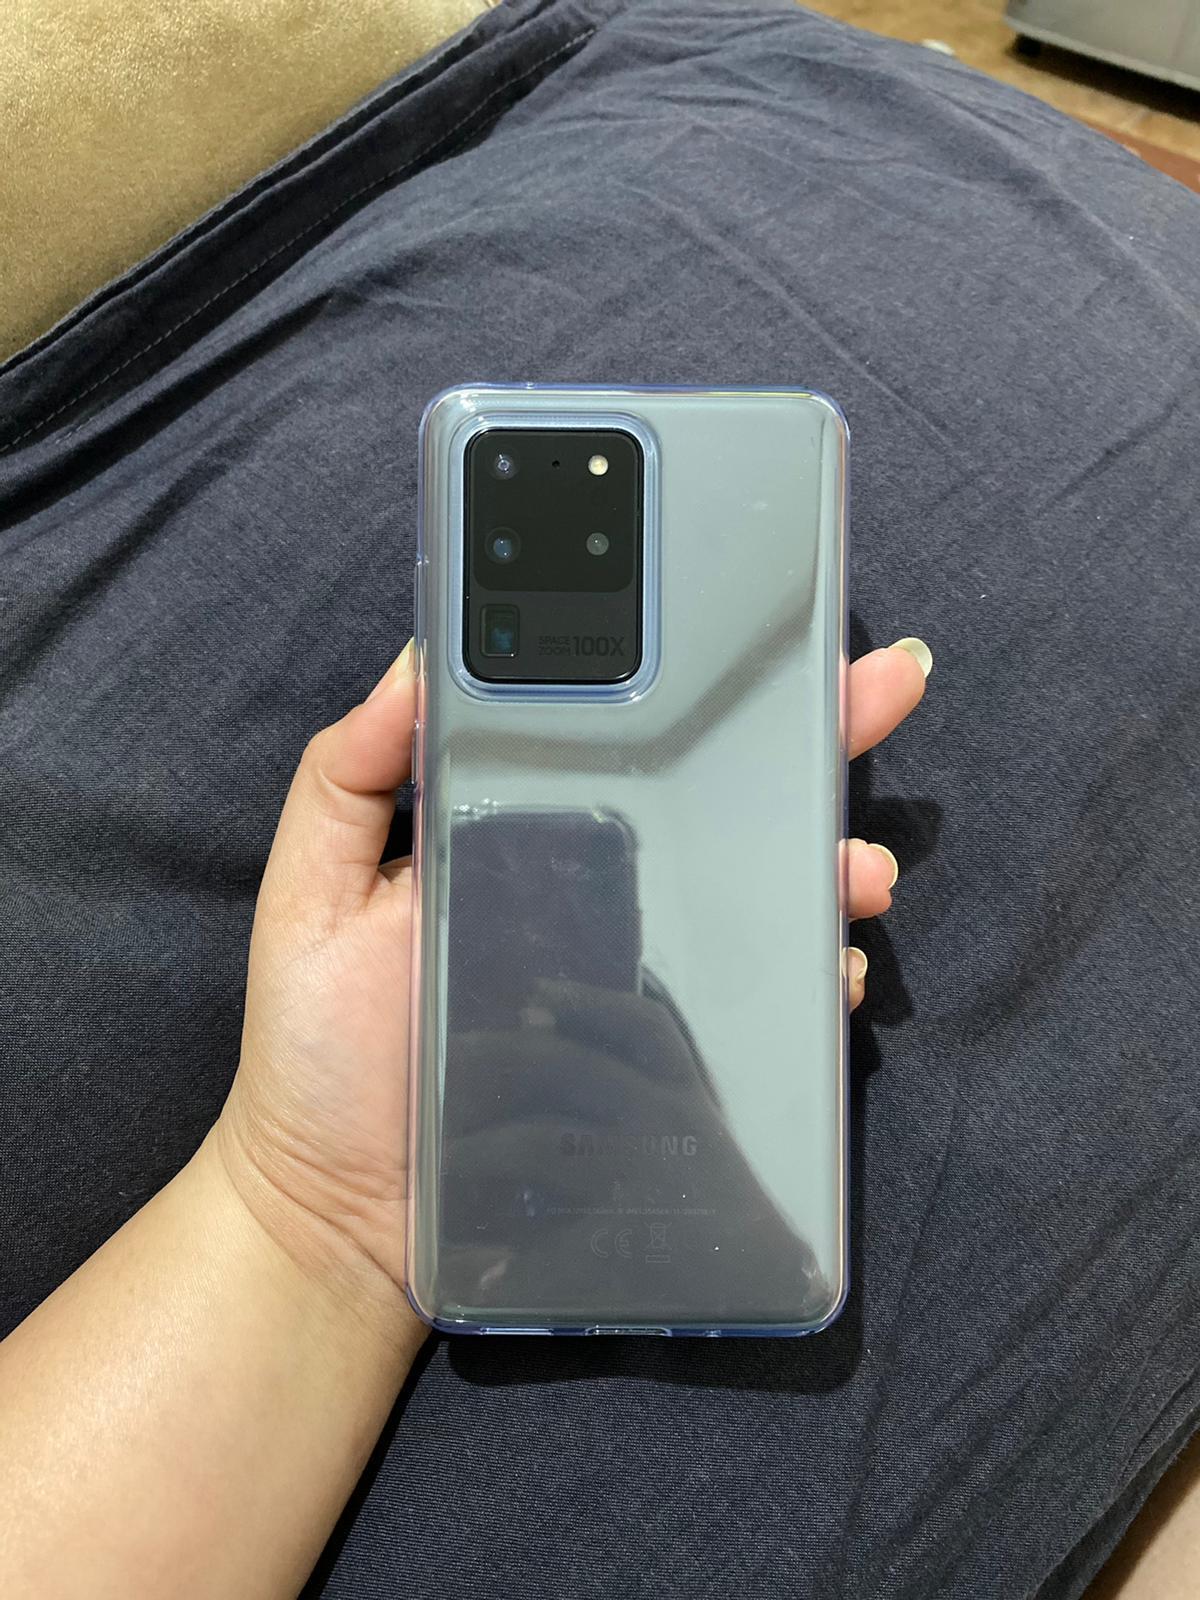 GalaxyS20 Ultra 5G,128GB,Cosmic Grey,100% healty 5